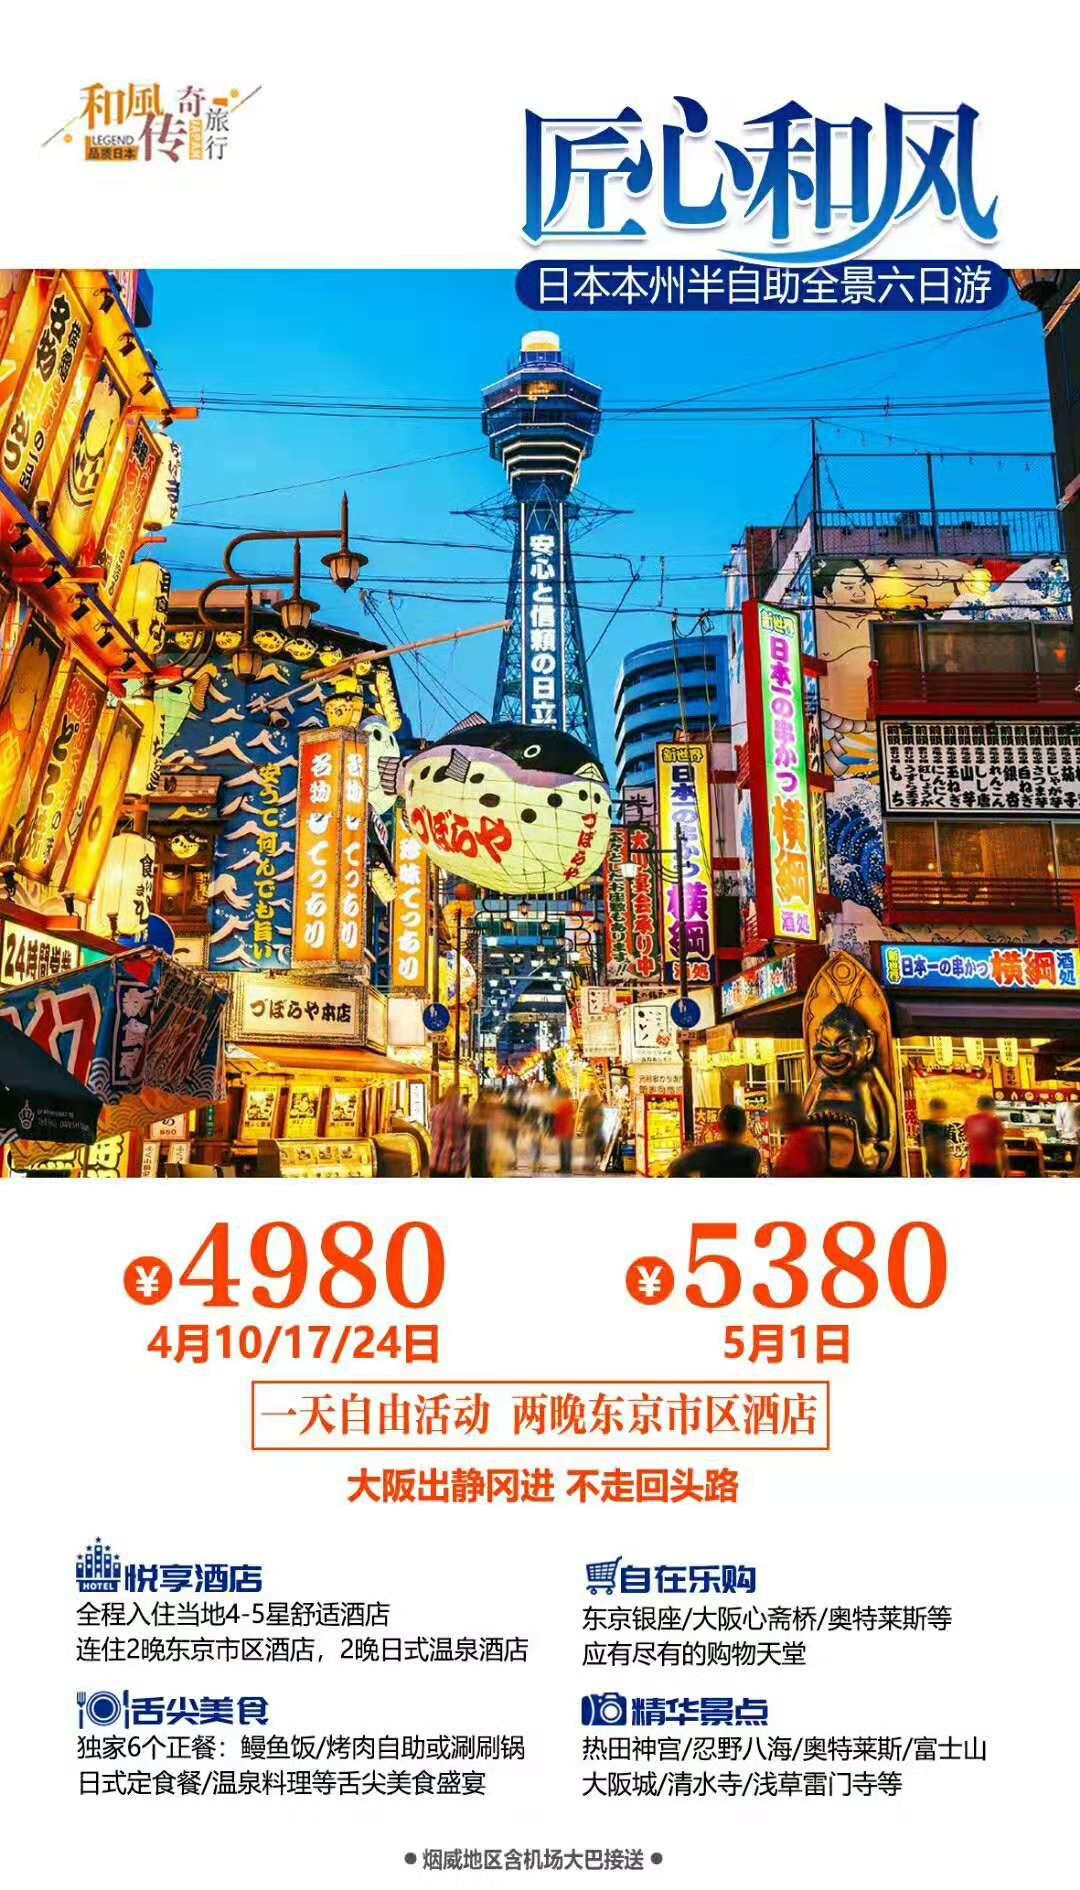 4月 匠心和风 本州半自助六日游一天自由活动 静阪